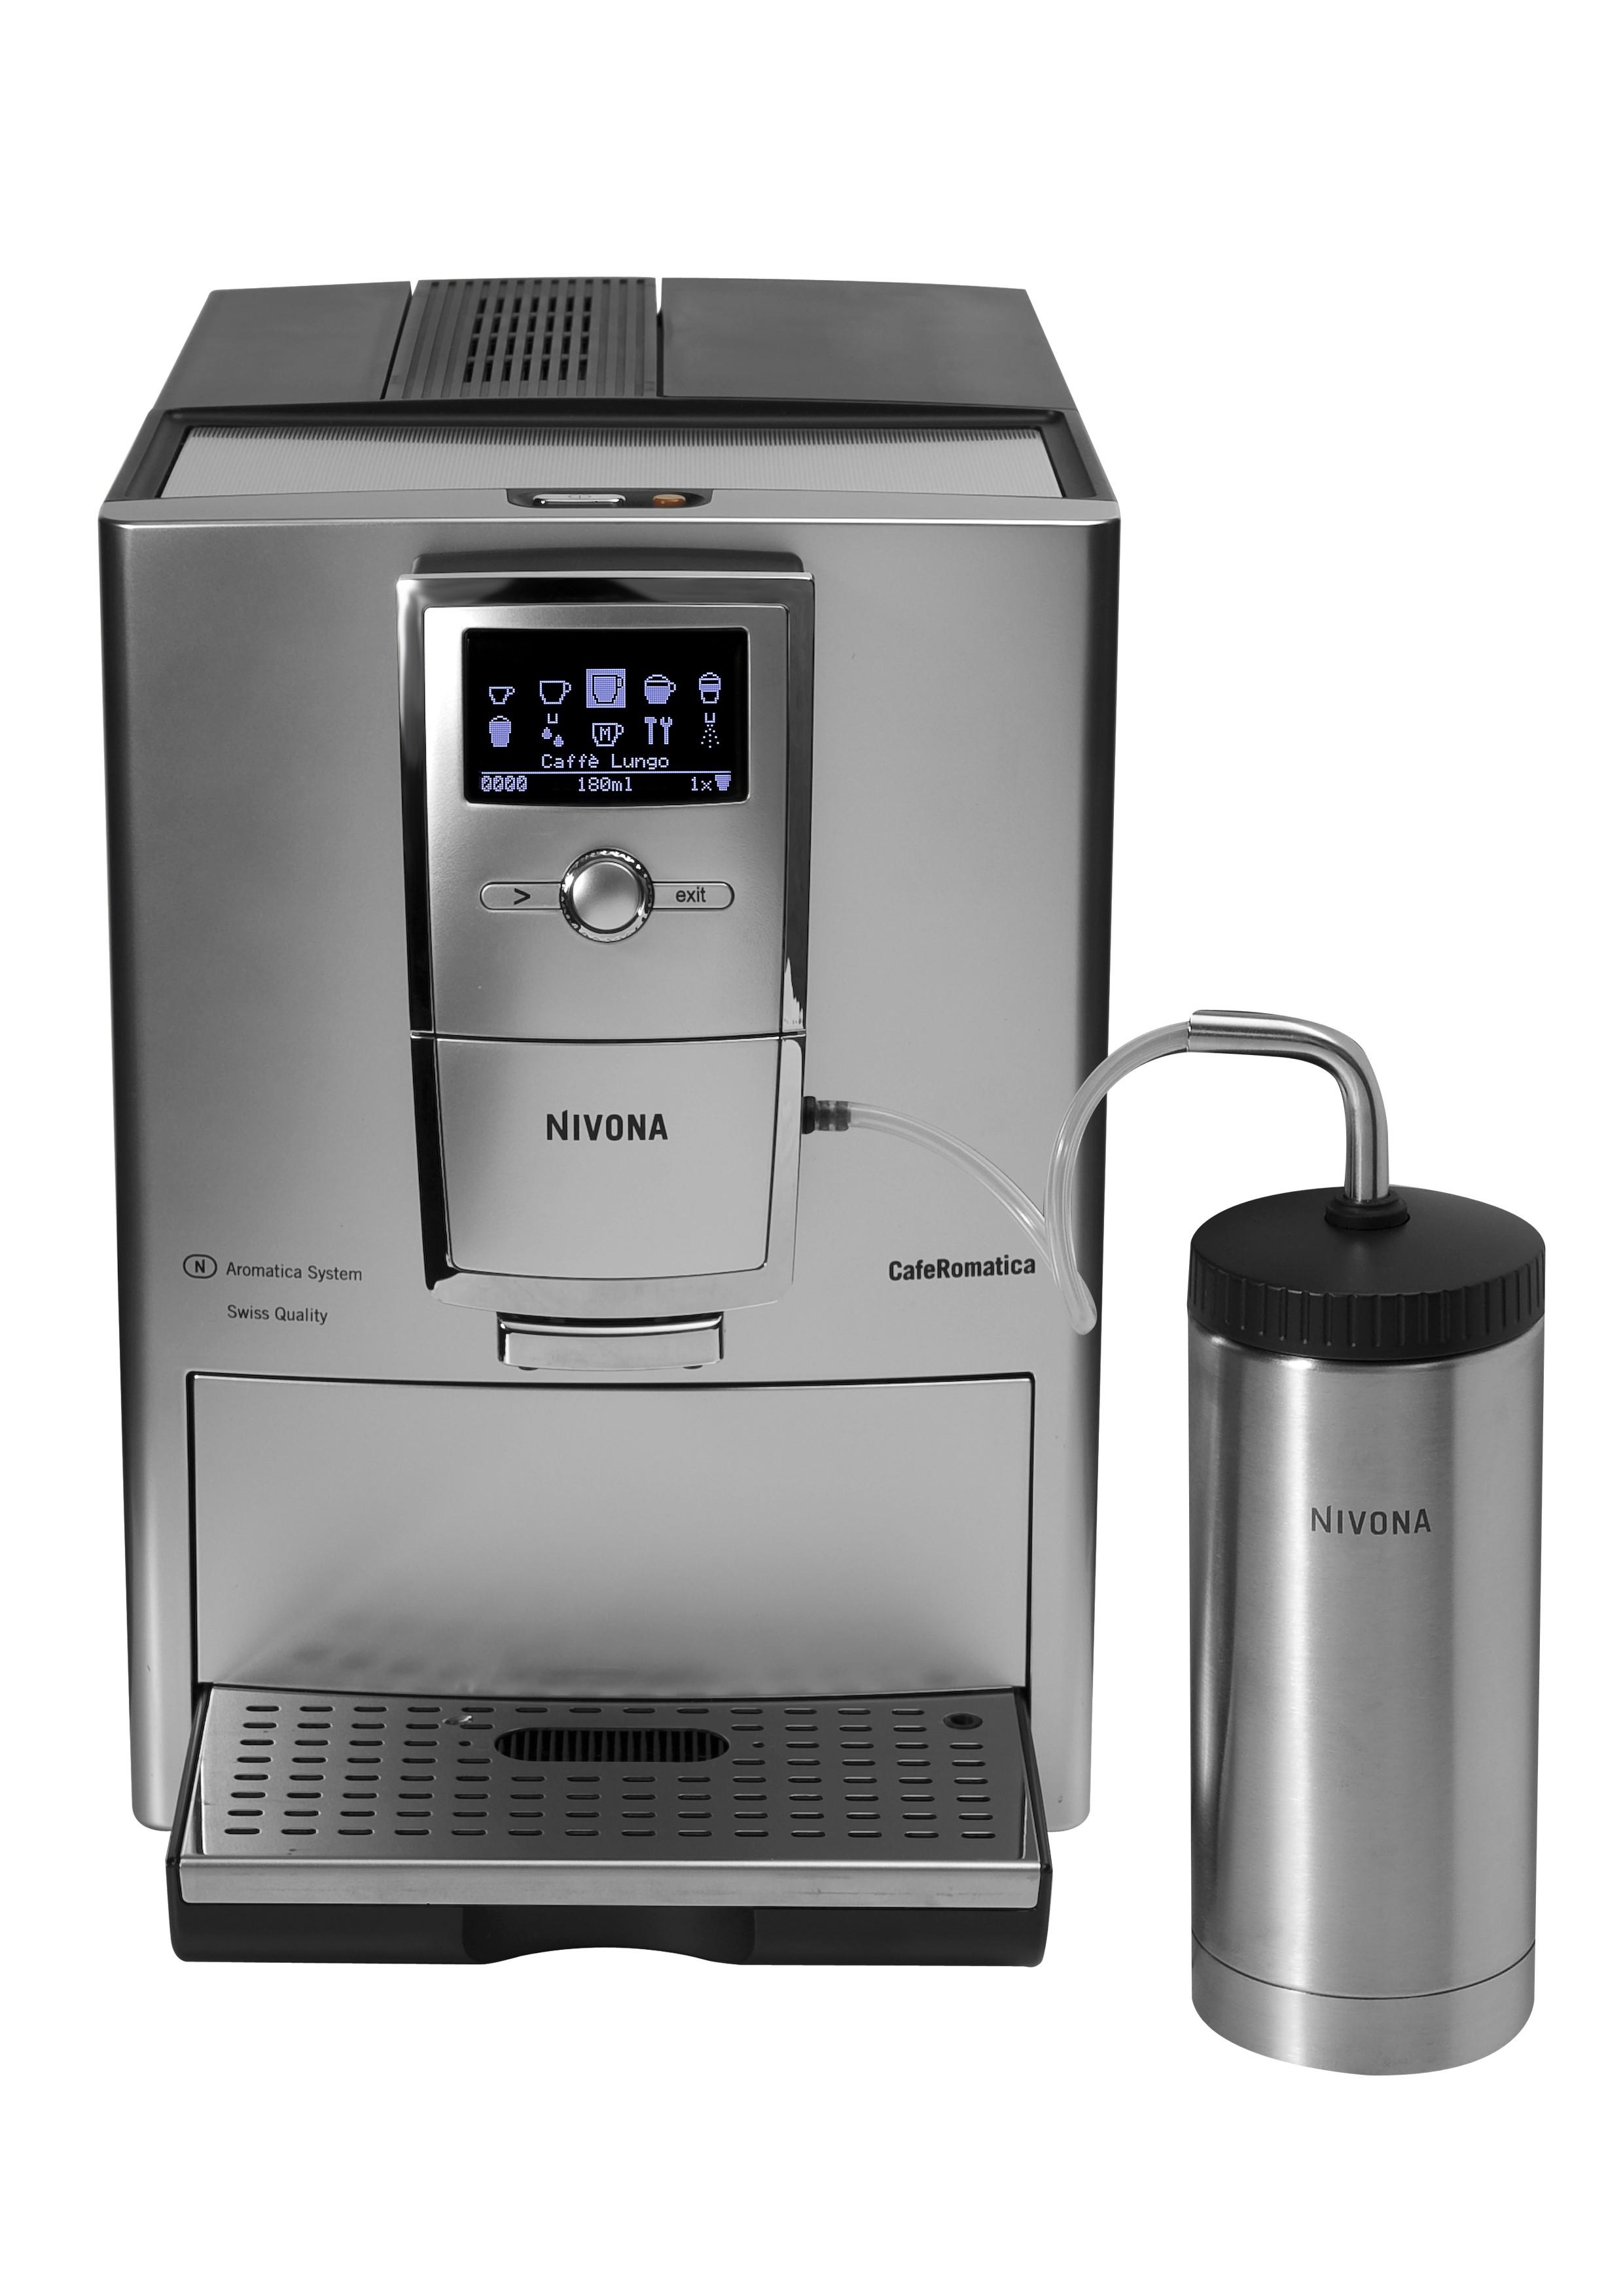 gl nzende erscheinung der neue kaffeevollautomat. Black Bedroom Furniture Sets. Home Design Ideas